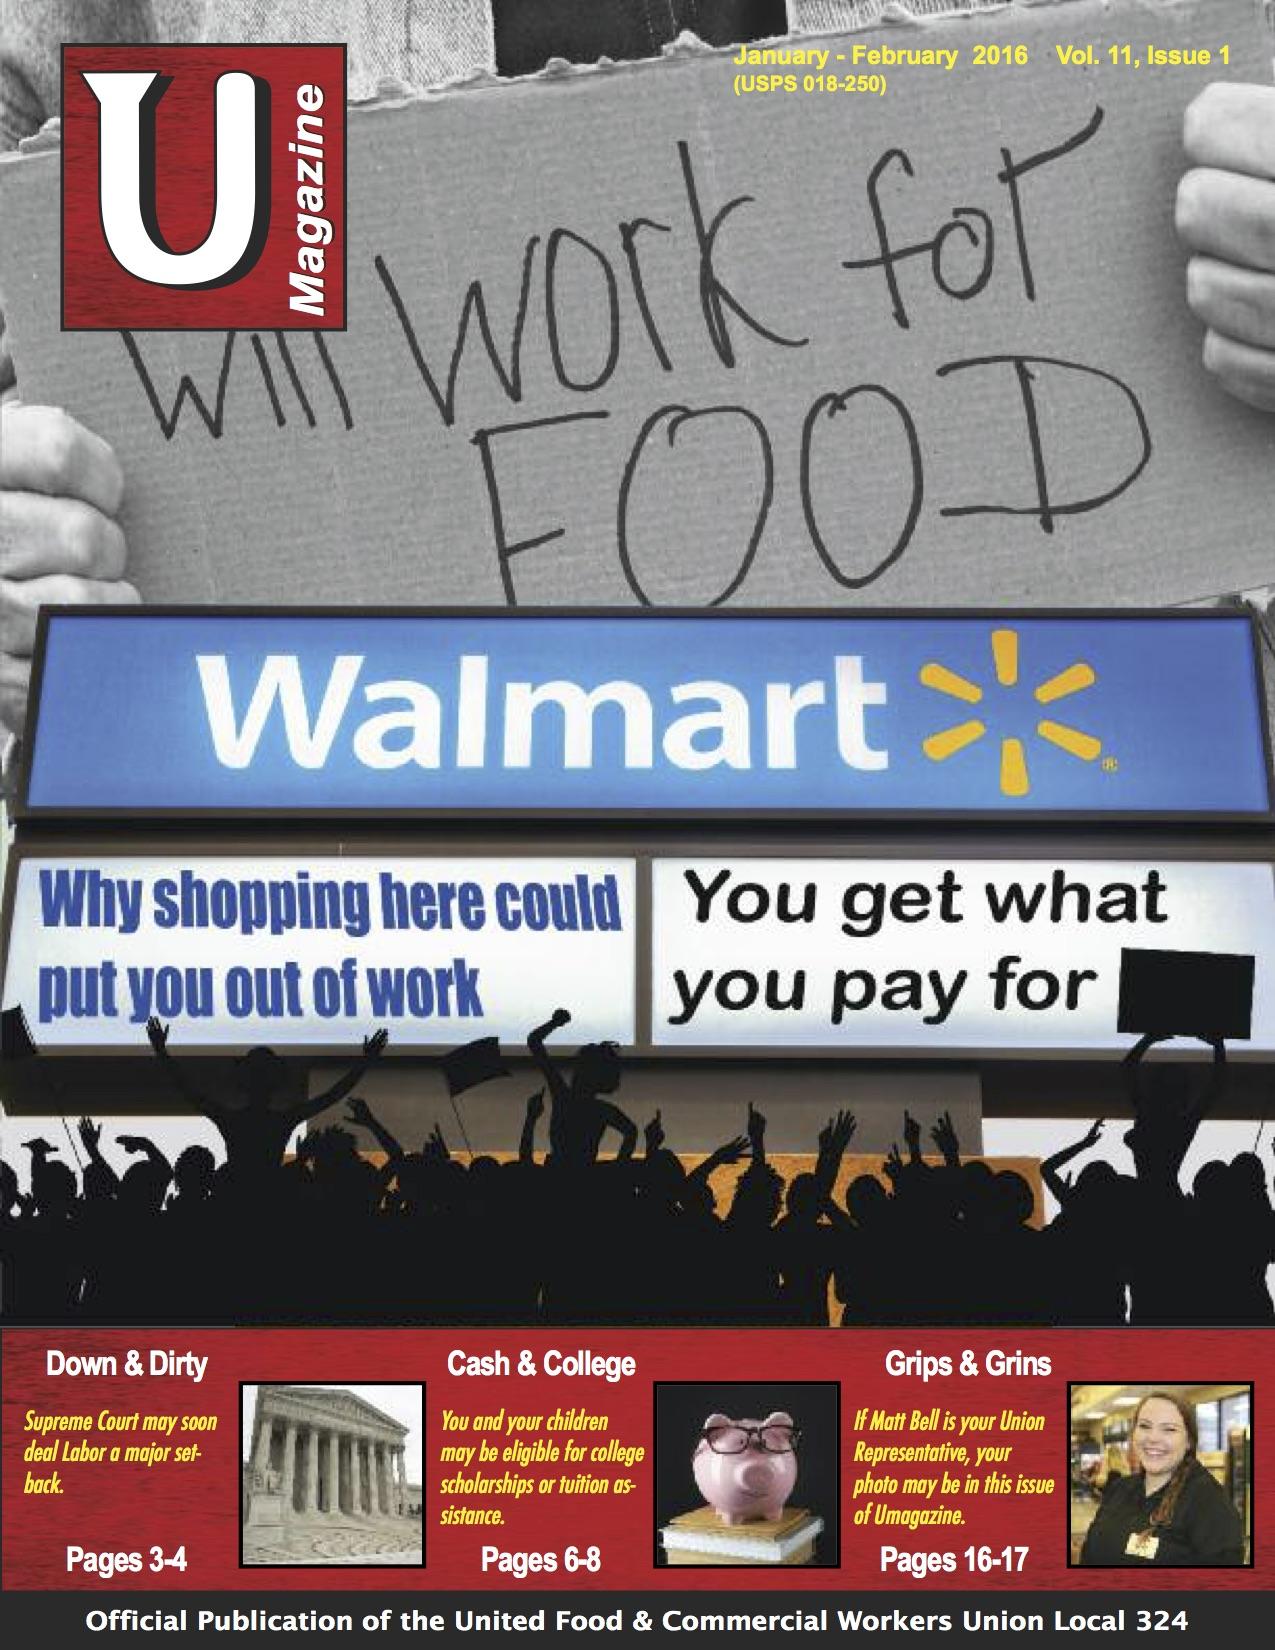 UMagazine January-February 2016